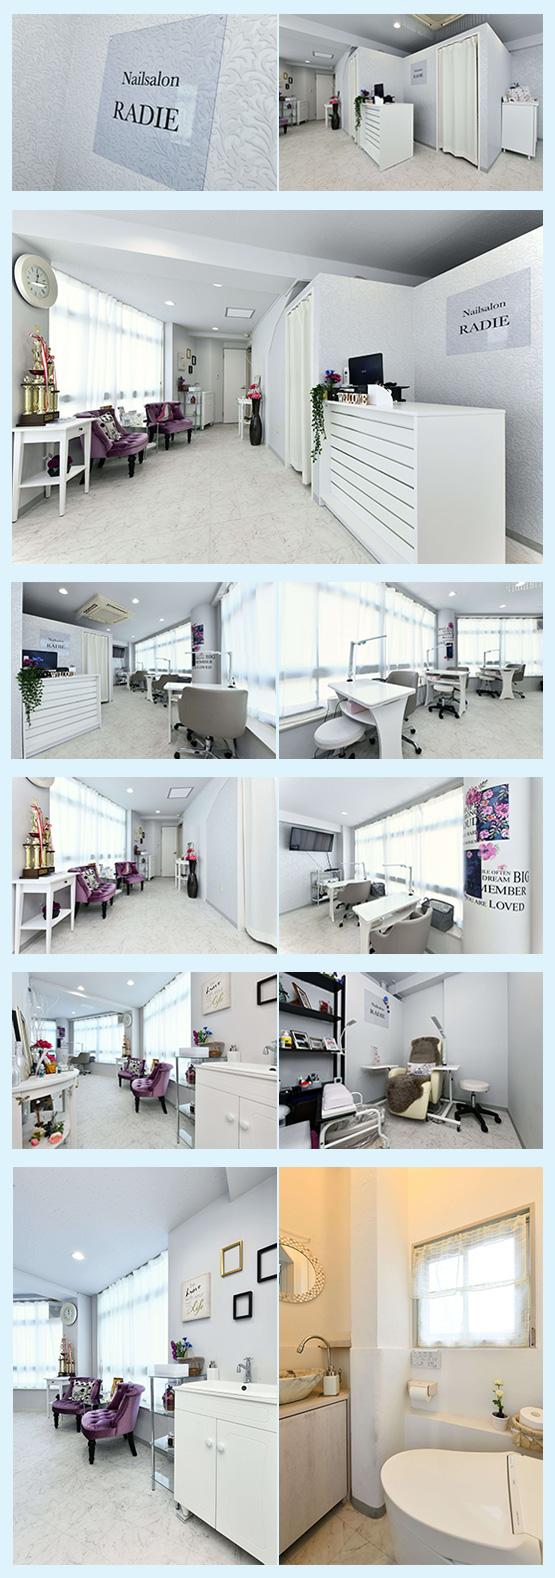 美容室・サロン・エステ 内装デザイン事例25